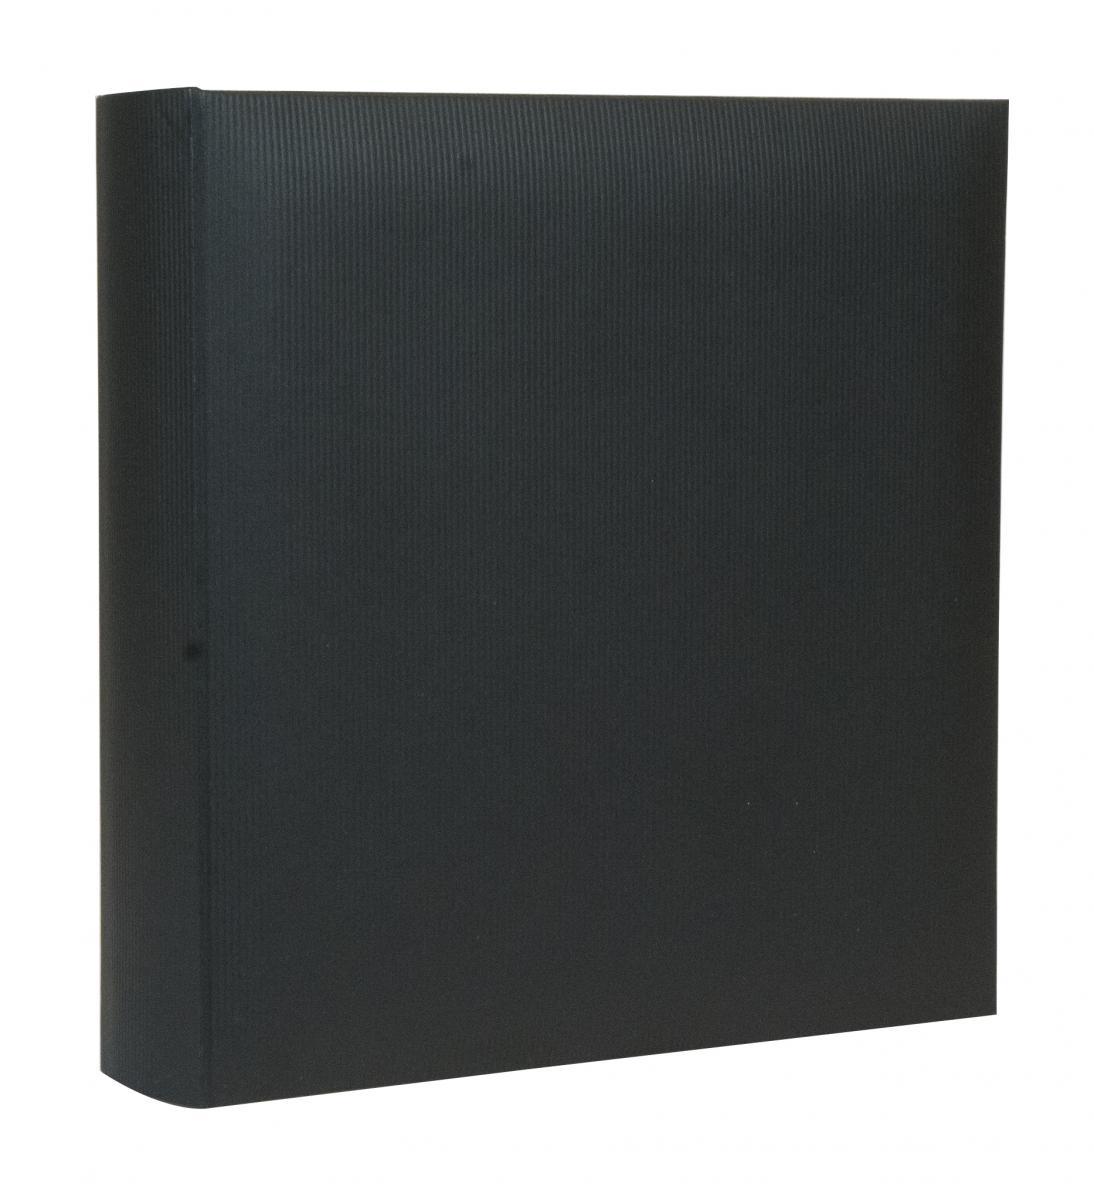 Trend Line Album Super Svart - 60 Bilder i 15x15 cm - BGA Fotobutik 2fac9d12fb3d